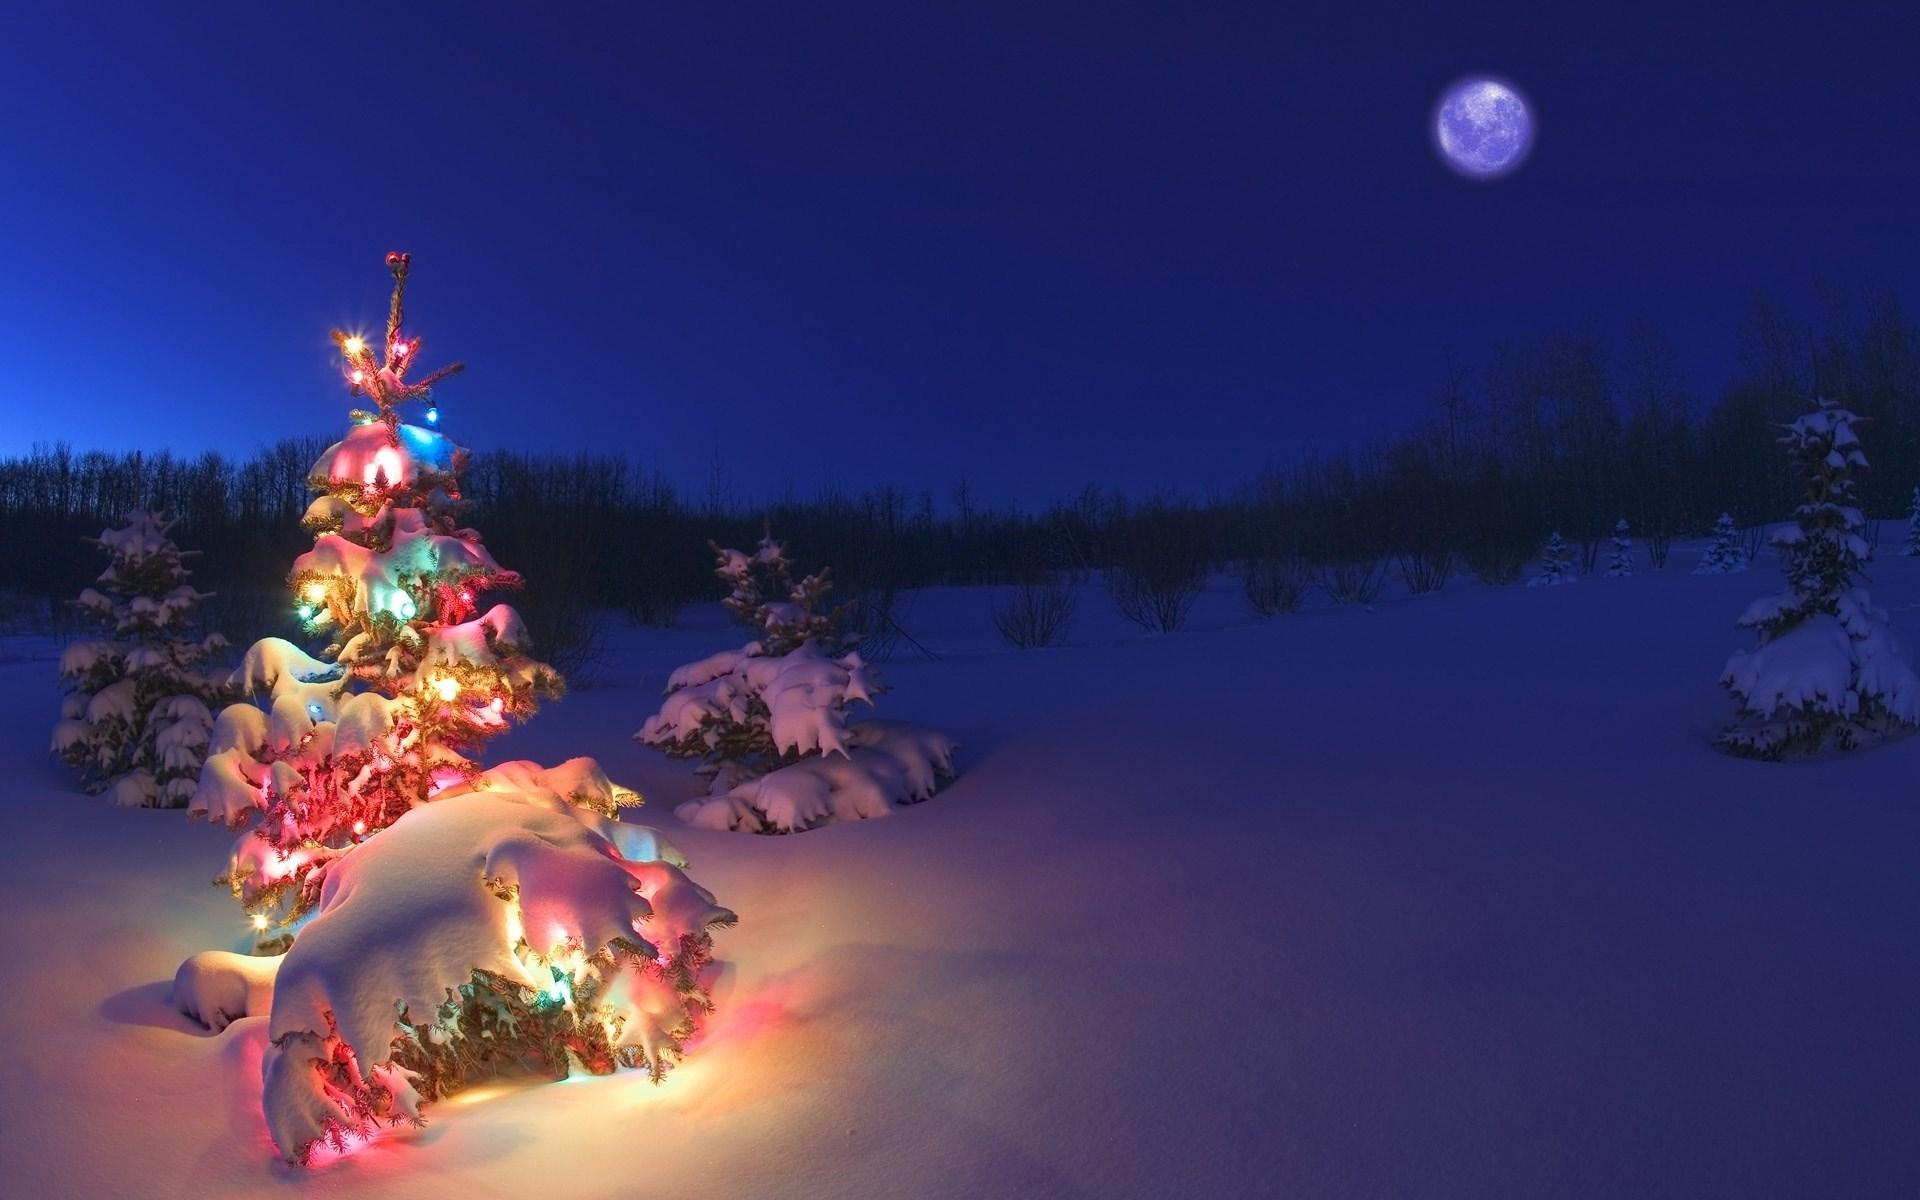 Обои на рабочий стол зима и новый год (19)